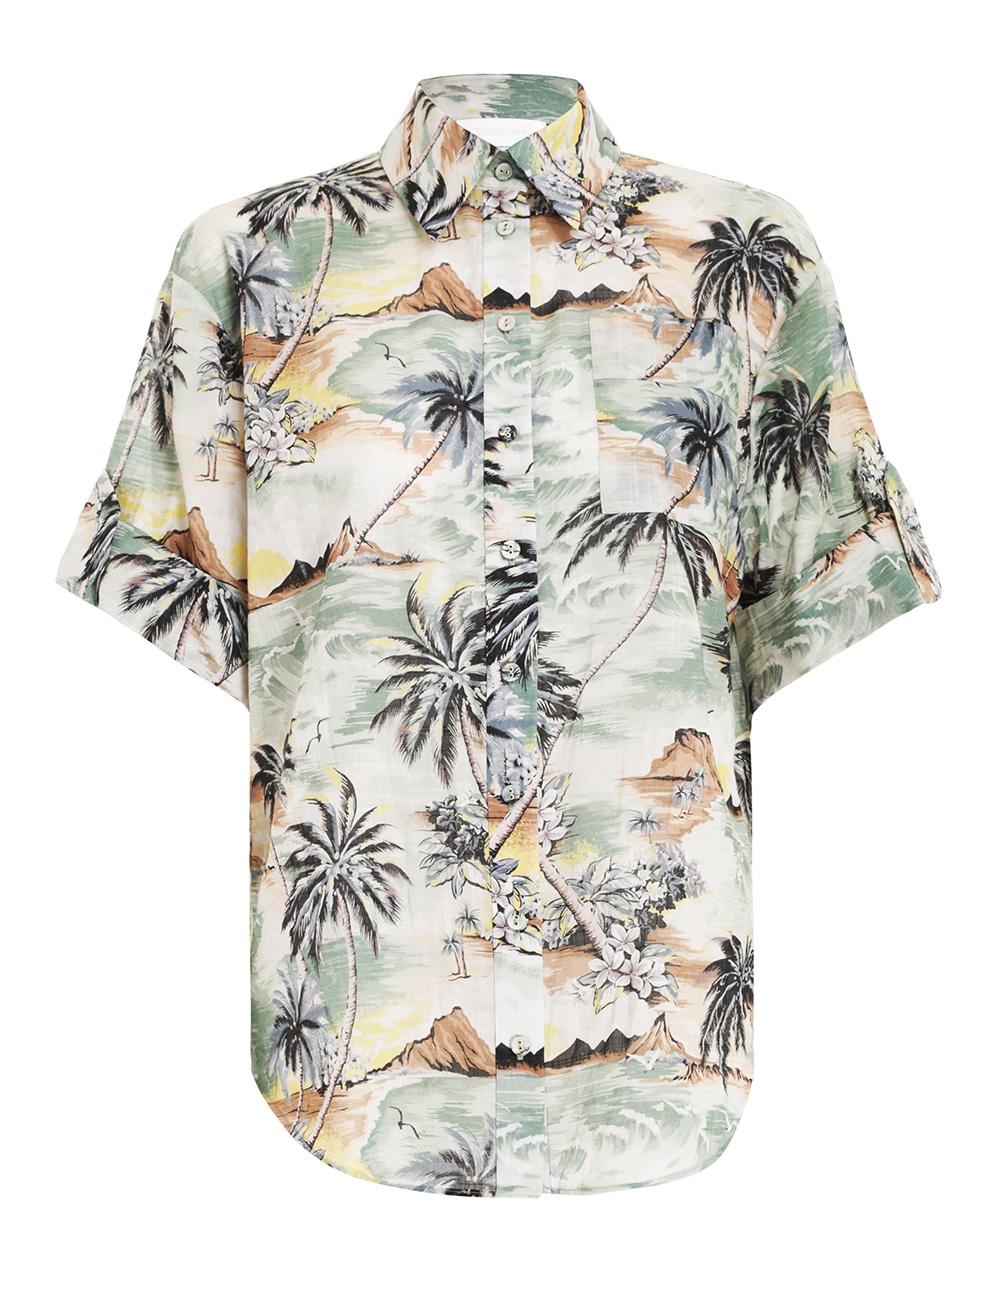 Juliette Roll Cuff Shirt